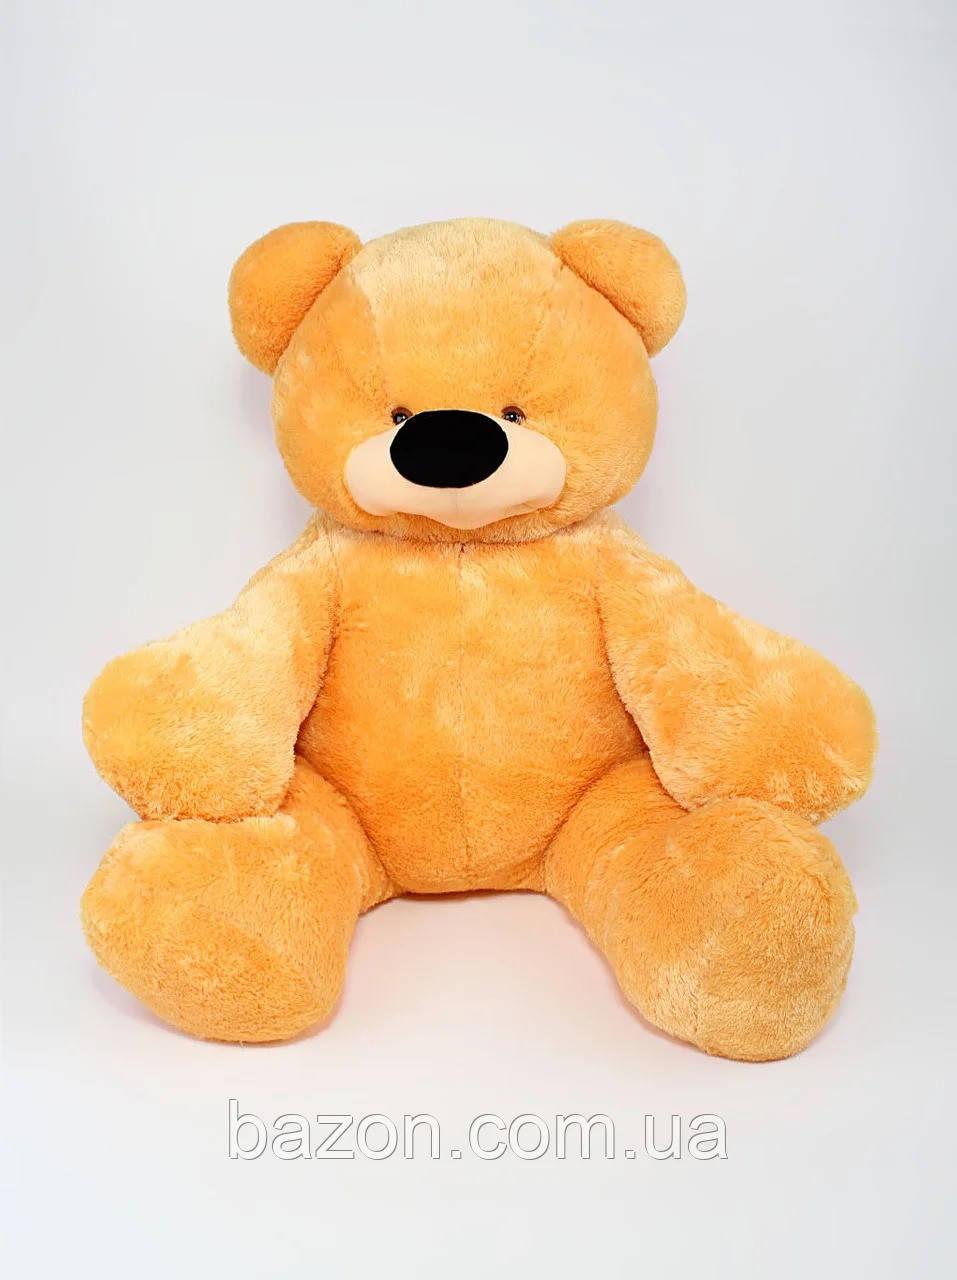 Мягкая игрушка Медведь Бублик